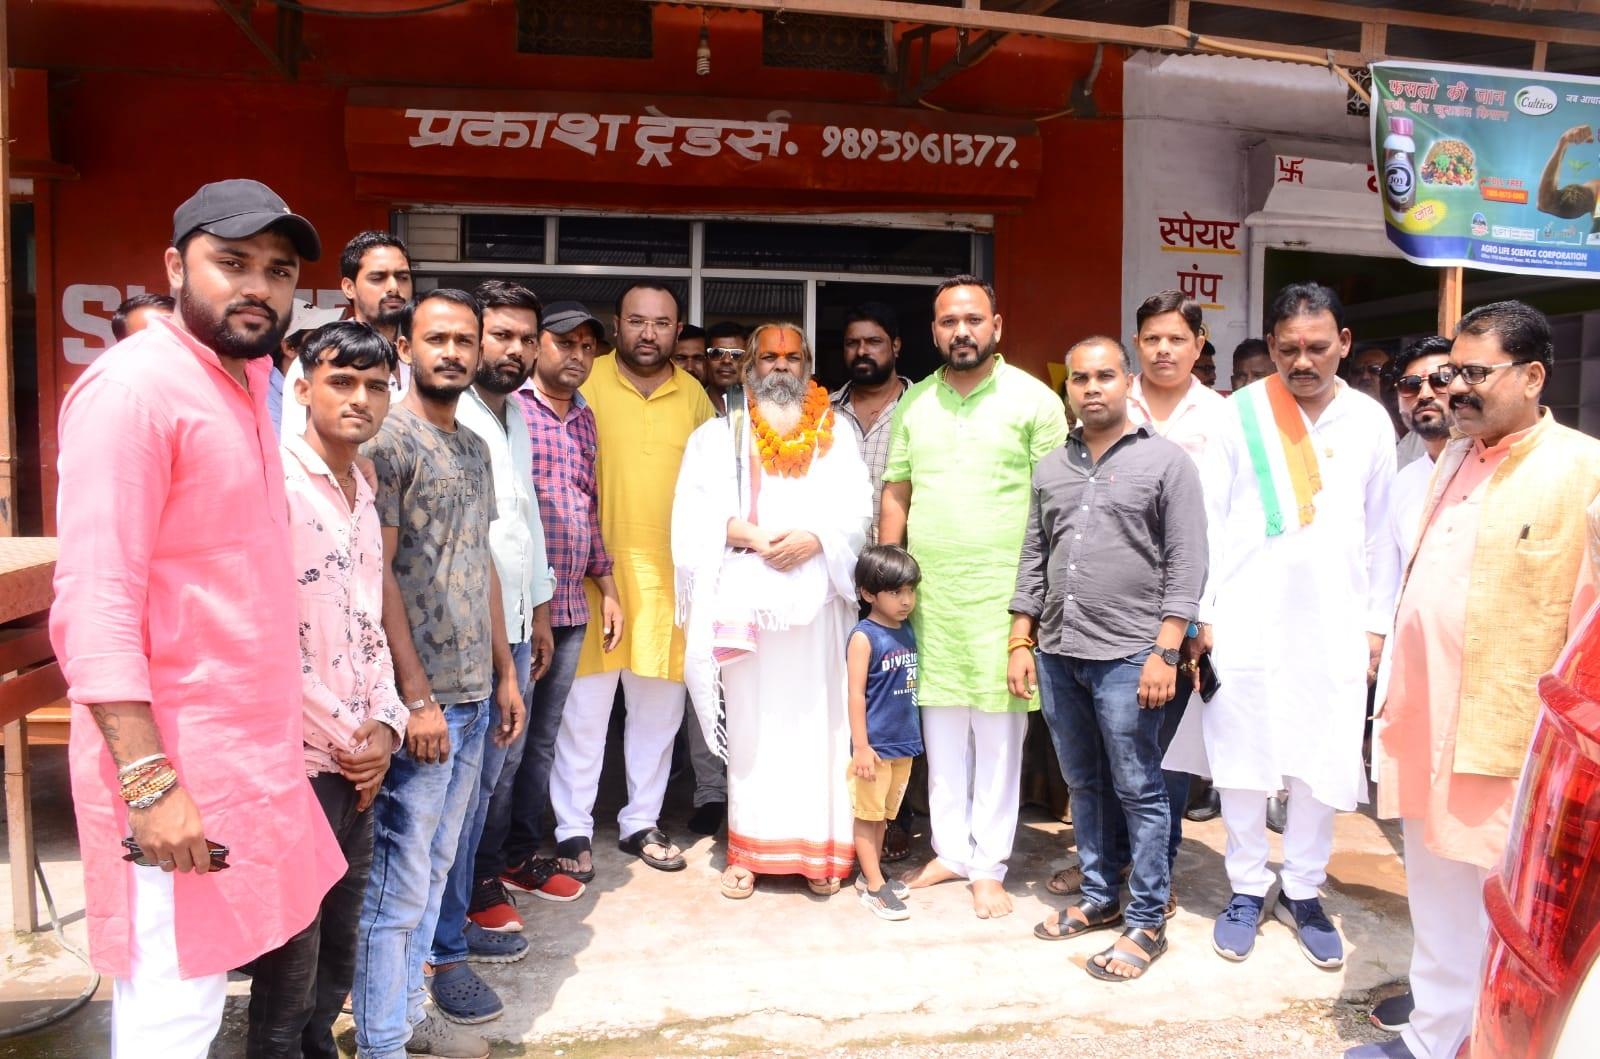 Bilaspur News : गाय की देखरेख को आयोग के अध्यक्ष महंत  रामसुंदर ने सराहा